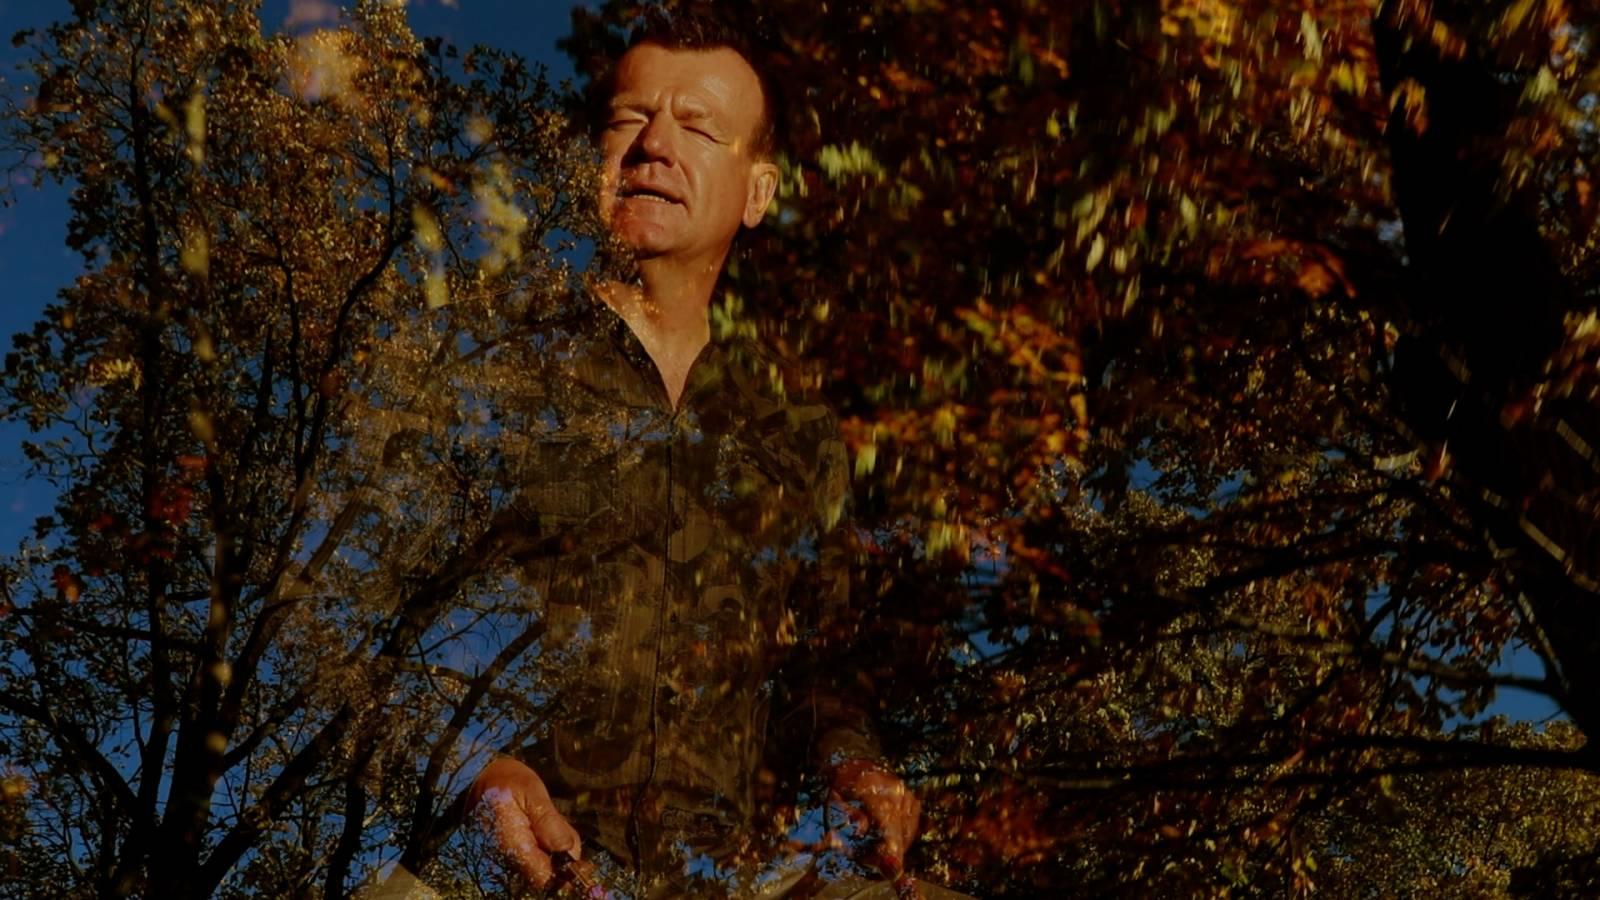 VIDEOPREMIÉRA: České srdce bije V korunách stromů